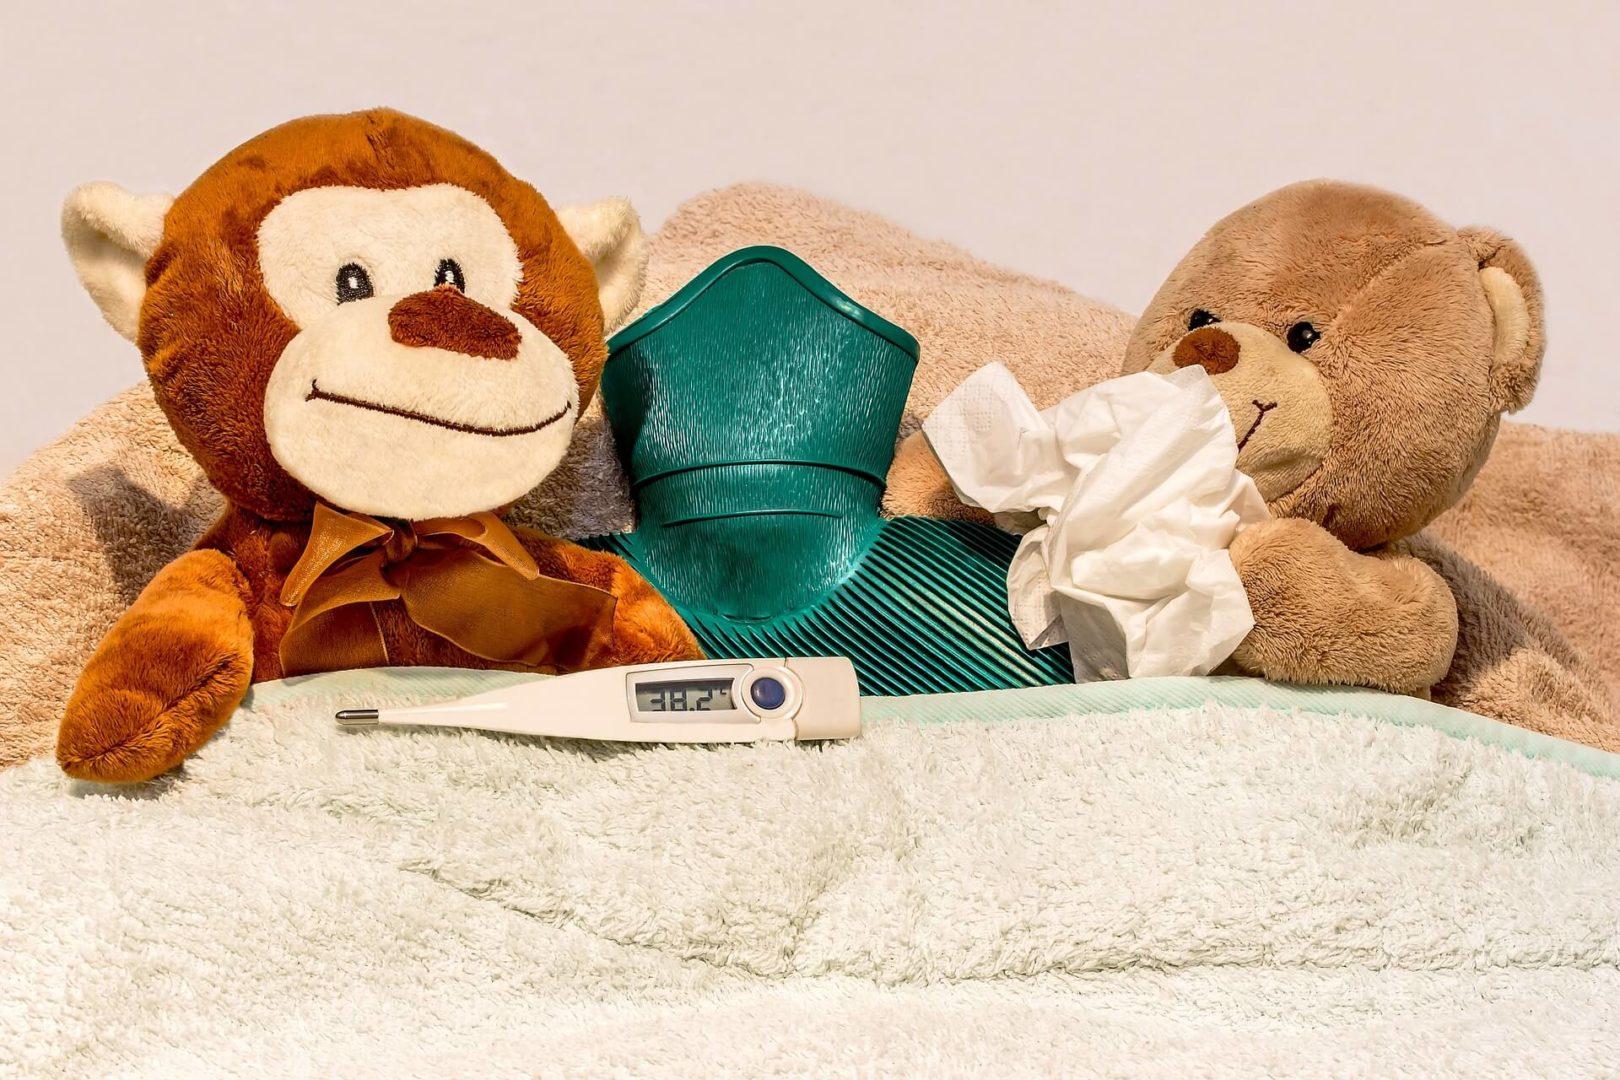 Urządzenia dla pielęgnacji niemowlaków